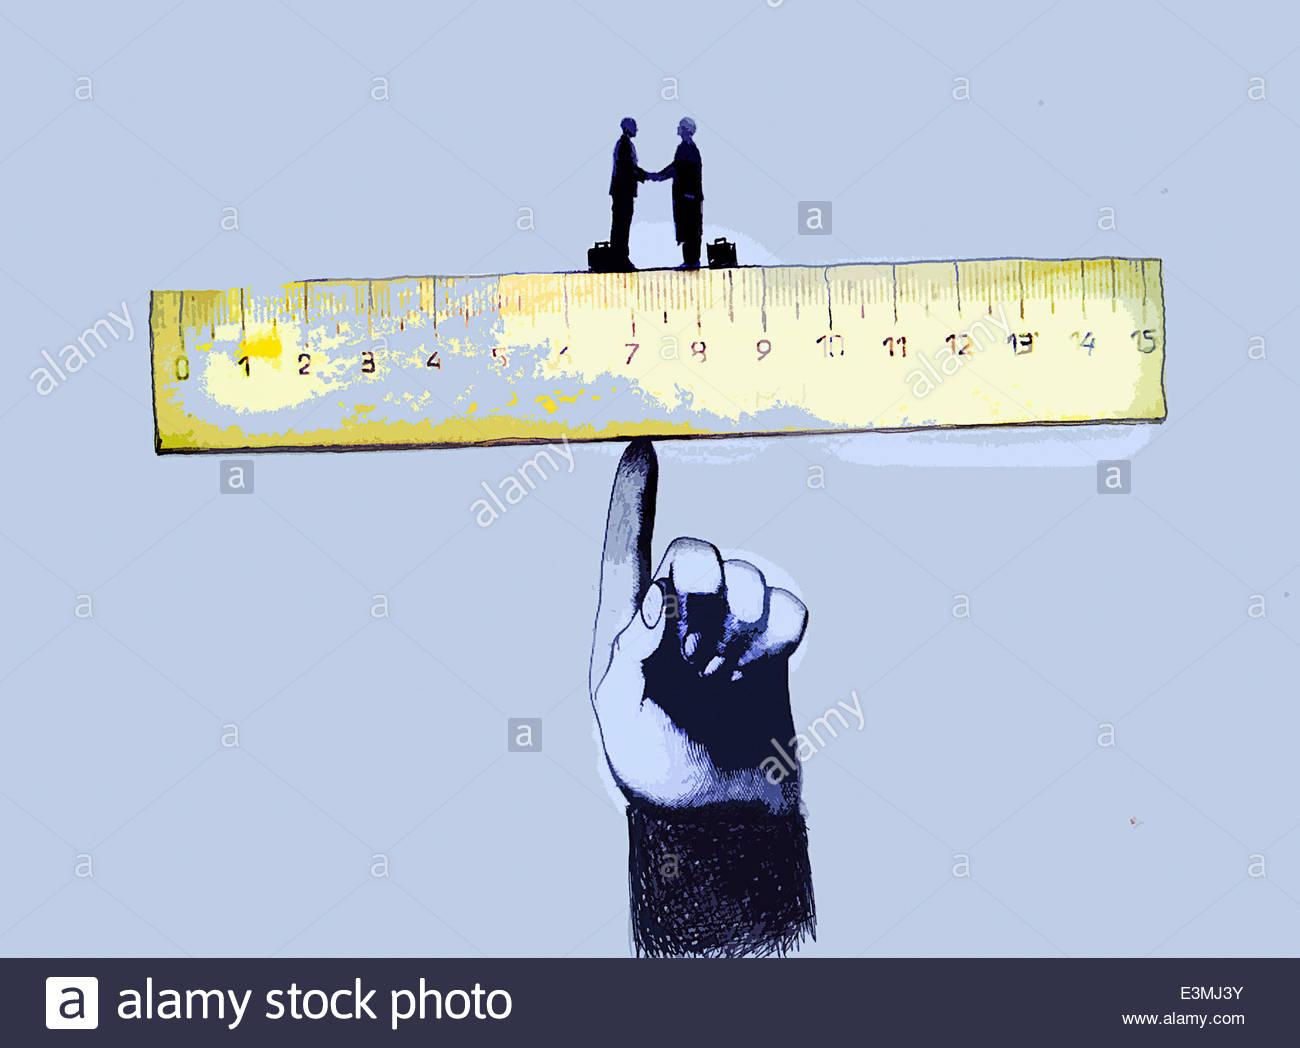 Businessmen shaking hands on ruler balanced on large finger - Stock Image